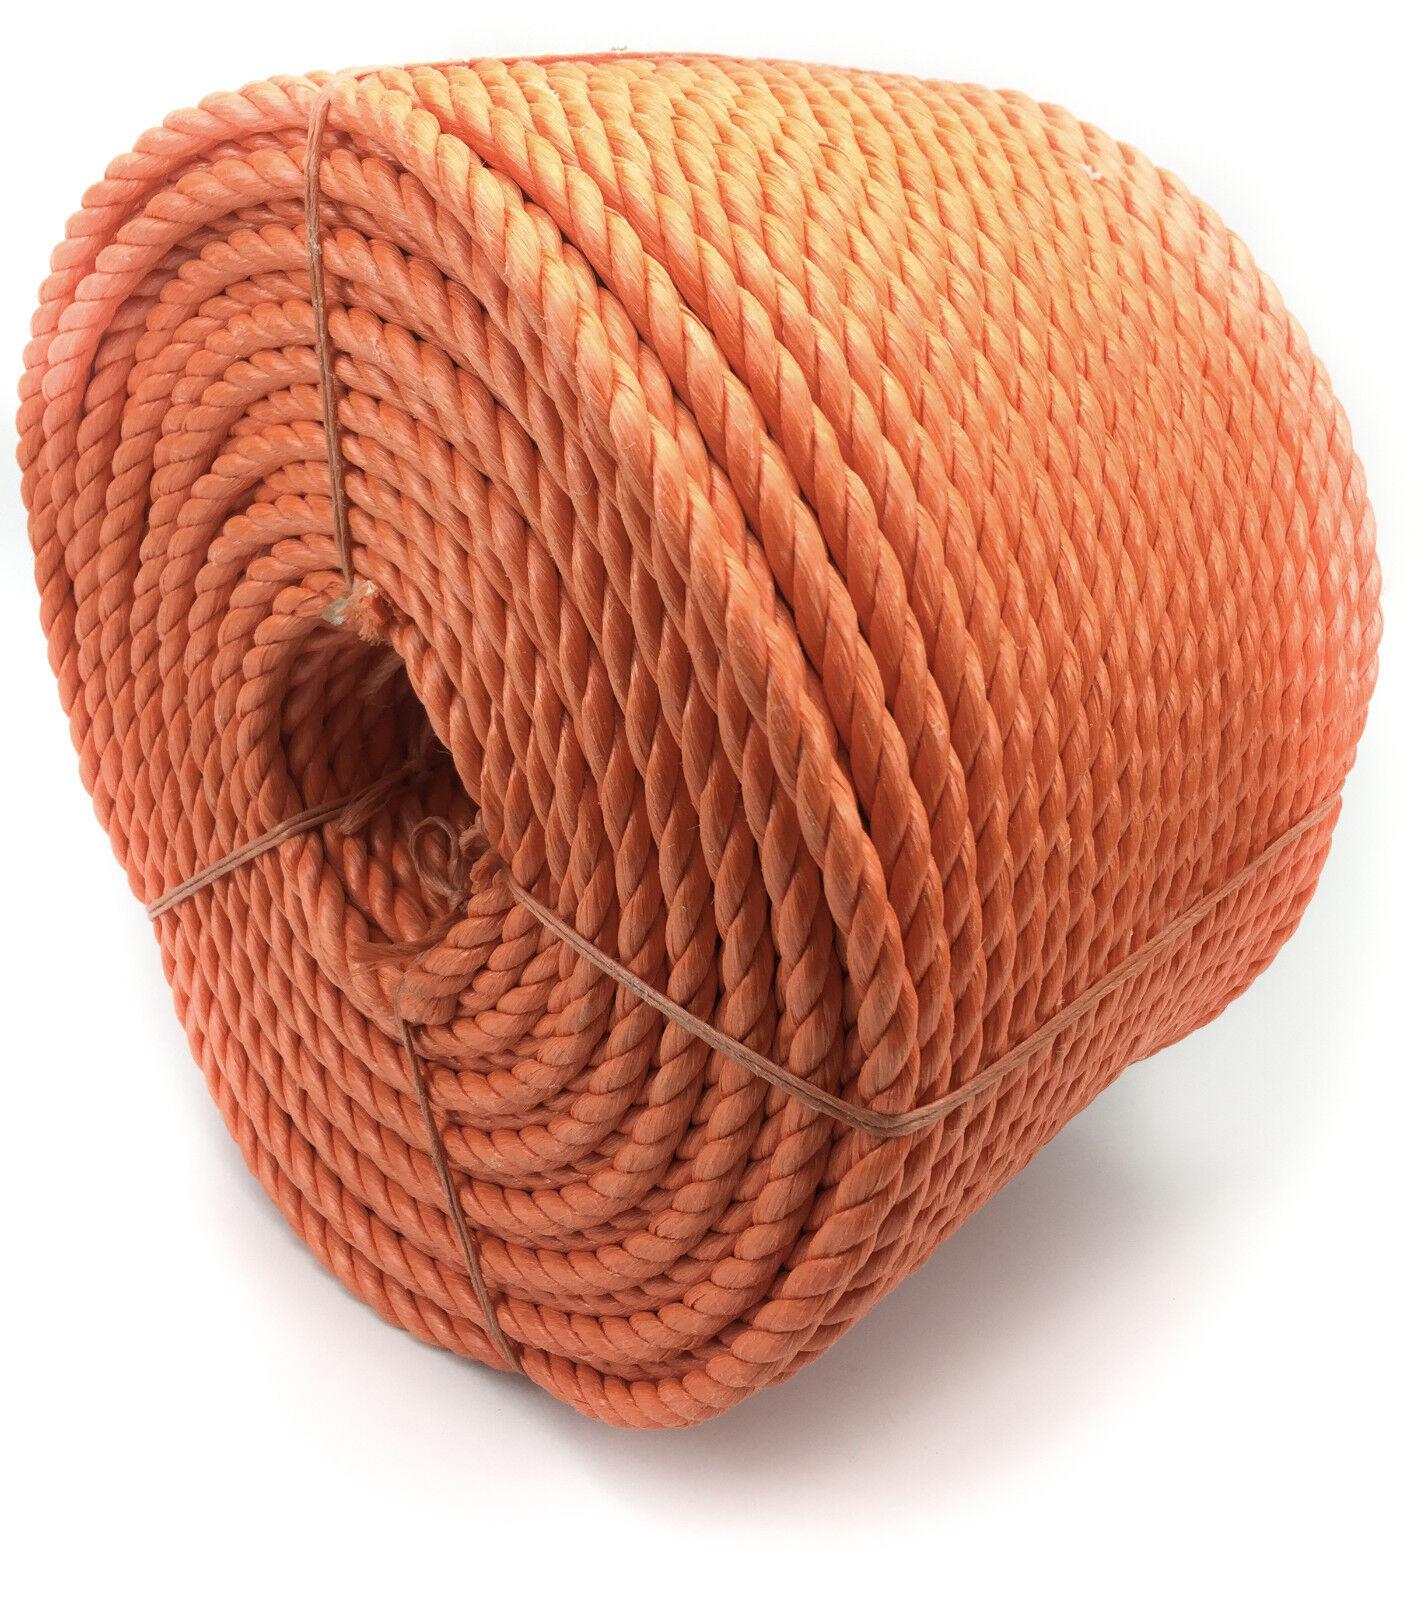 16mm Orange Polypropylen Seil 220 Meter, Poly-Seil Rollen, preiswert Nylon Seil